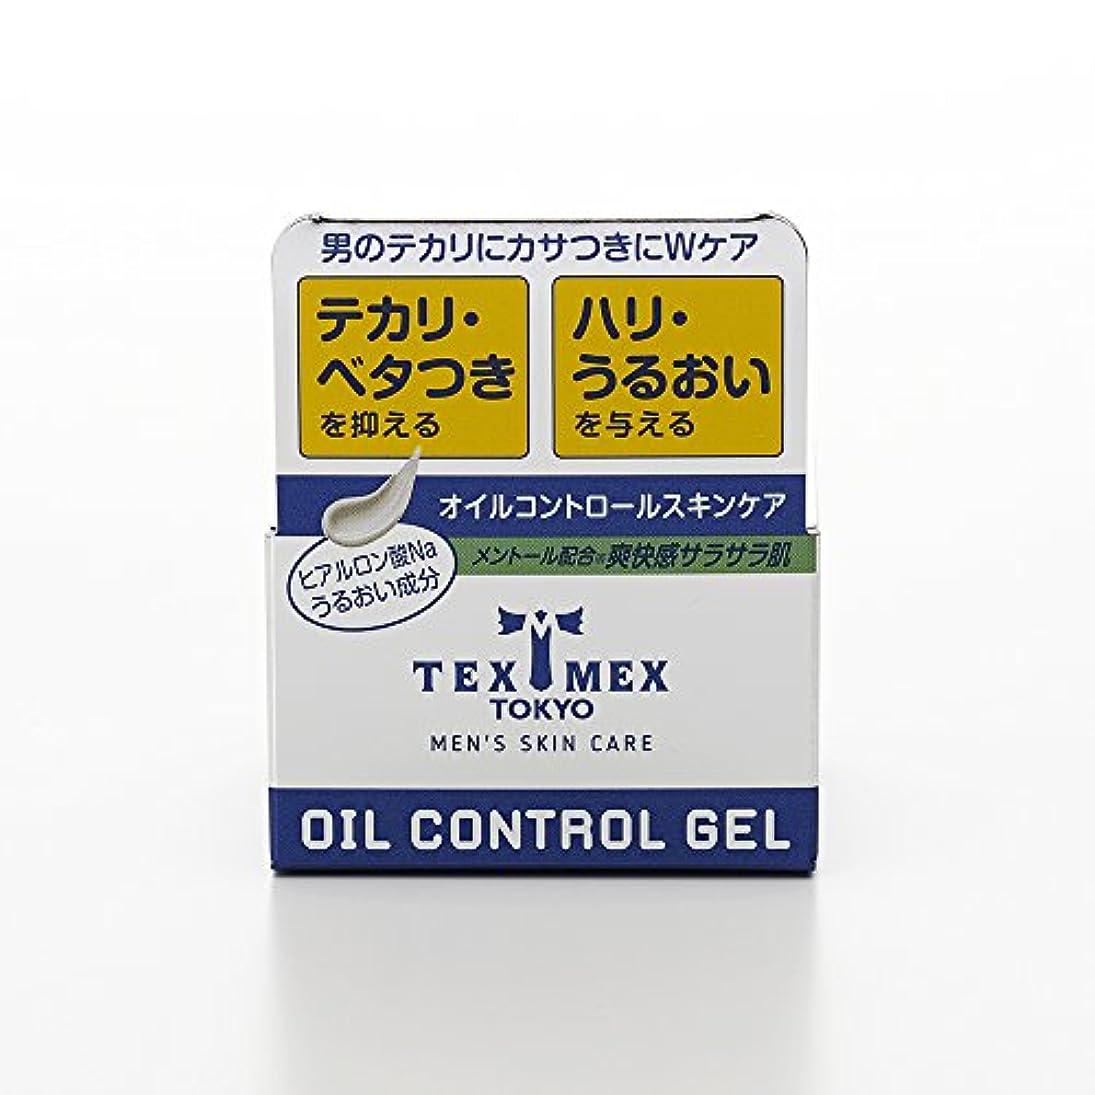 楽しむふつう誇張するテックスメックス オイルコントロールジェル 24g (テカリ防止ジェル) 【塗るだけでサラサラ肌に】